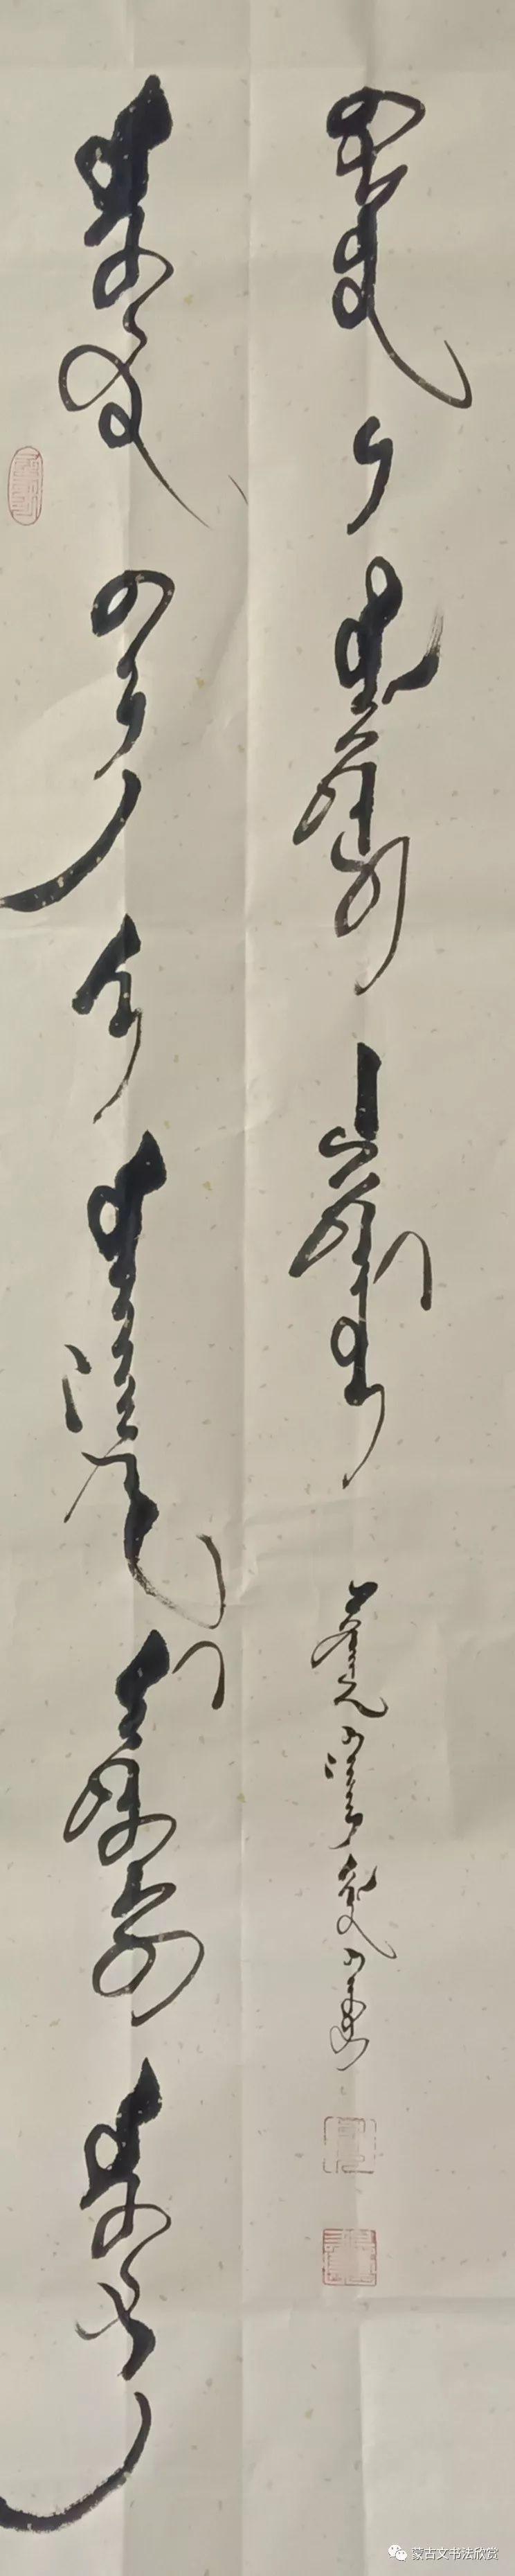 蒙古文书法欣赏——阿拉坦仓 第3张